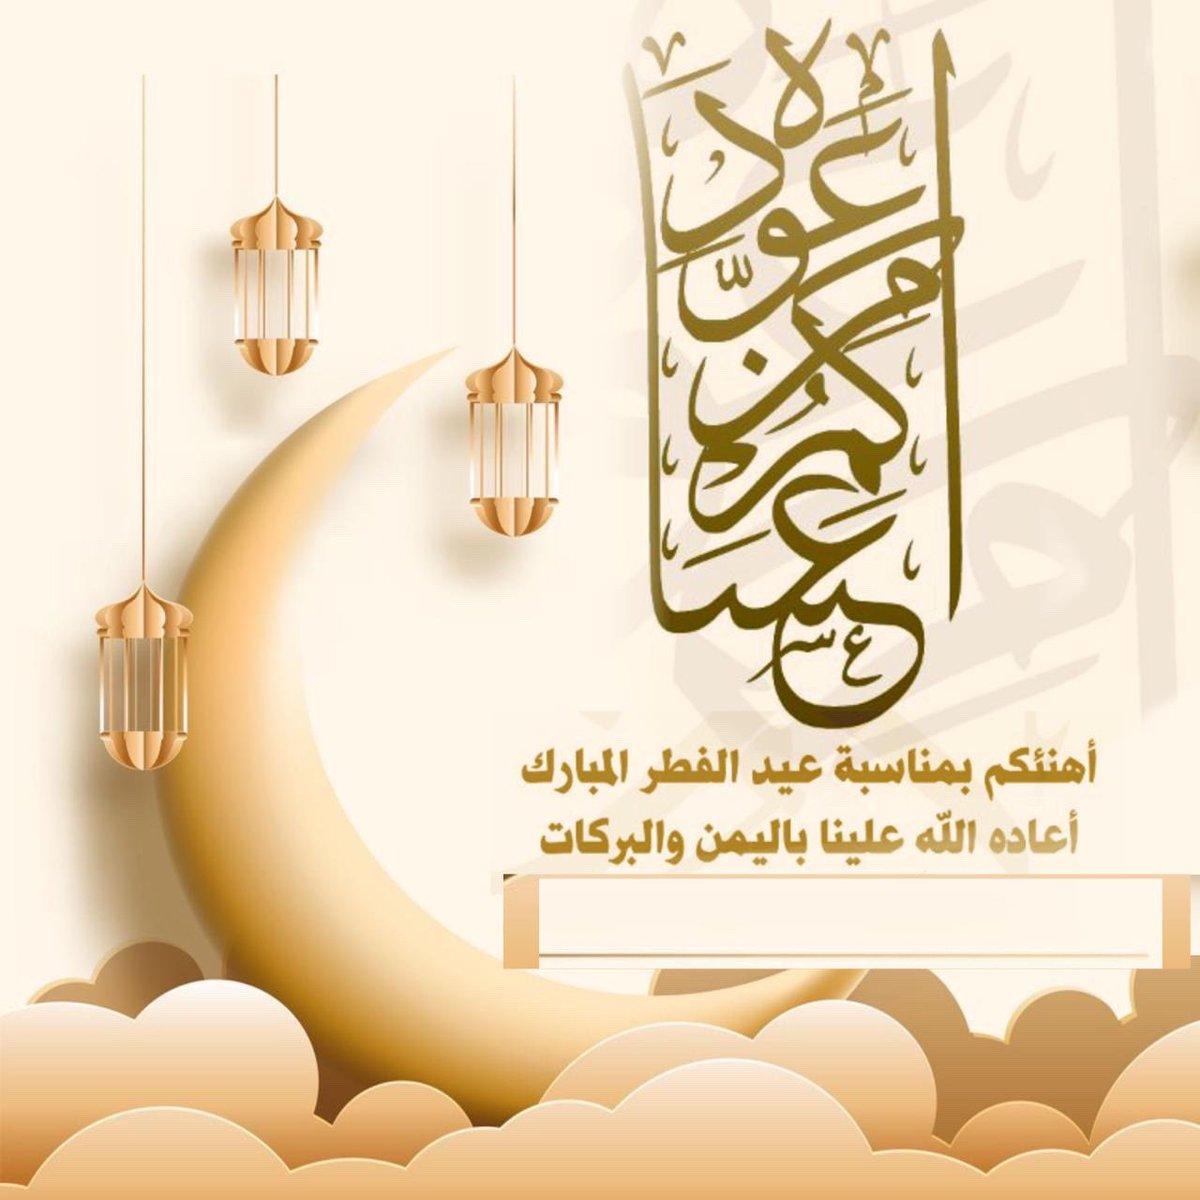 أ د نوال العيد On Twitter التكبير 7